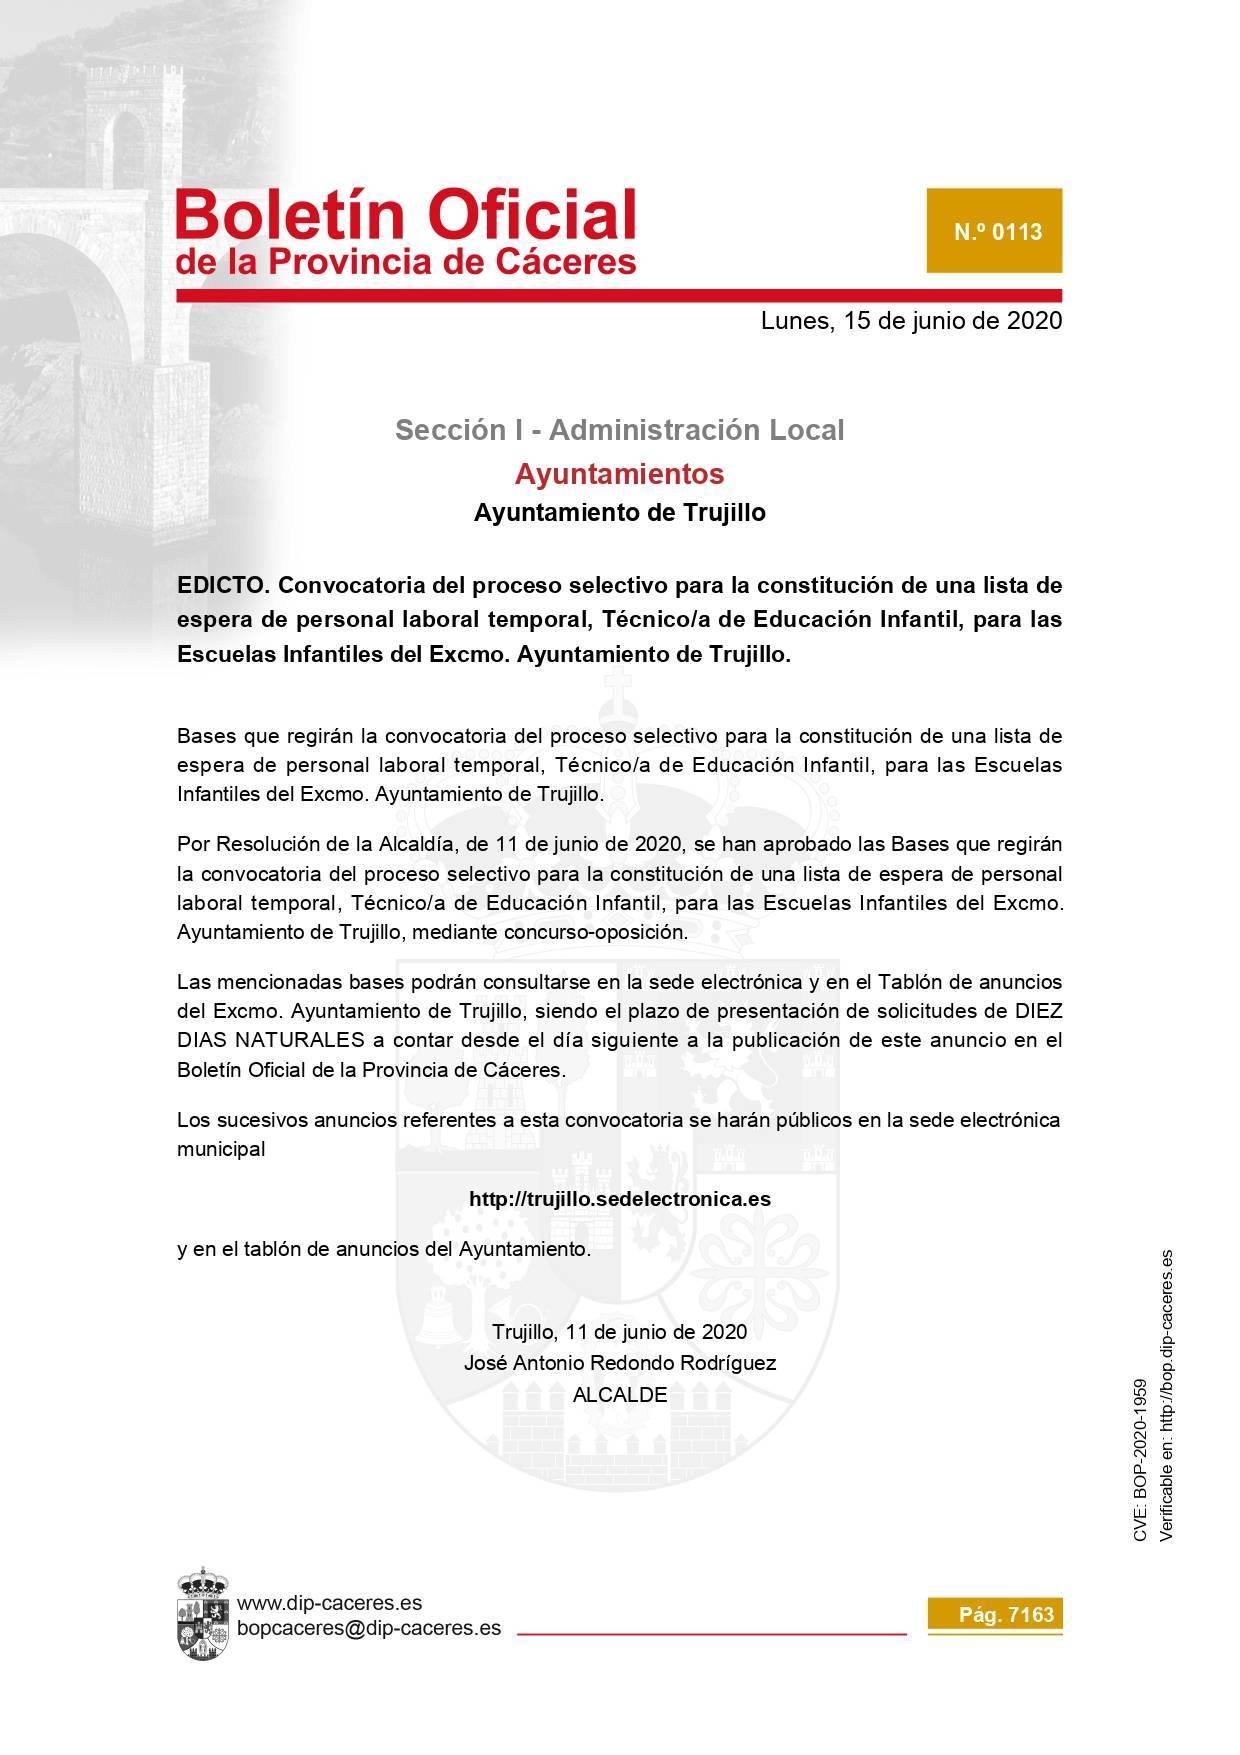 Técnico-a de educación infantil 2020 - Trujillo (Cáceres)